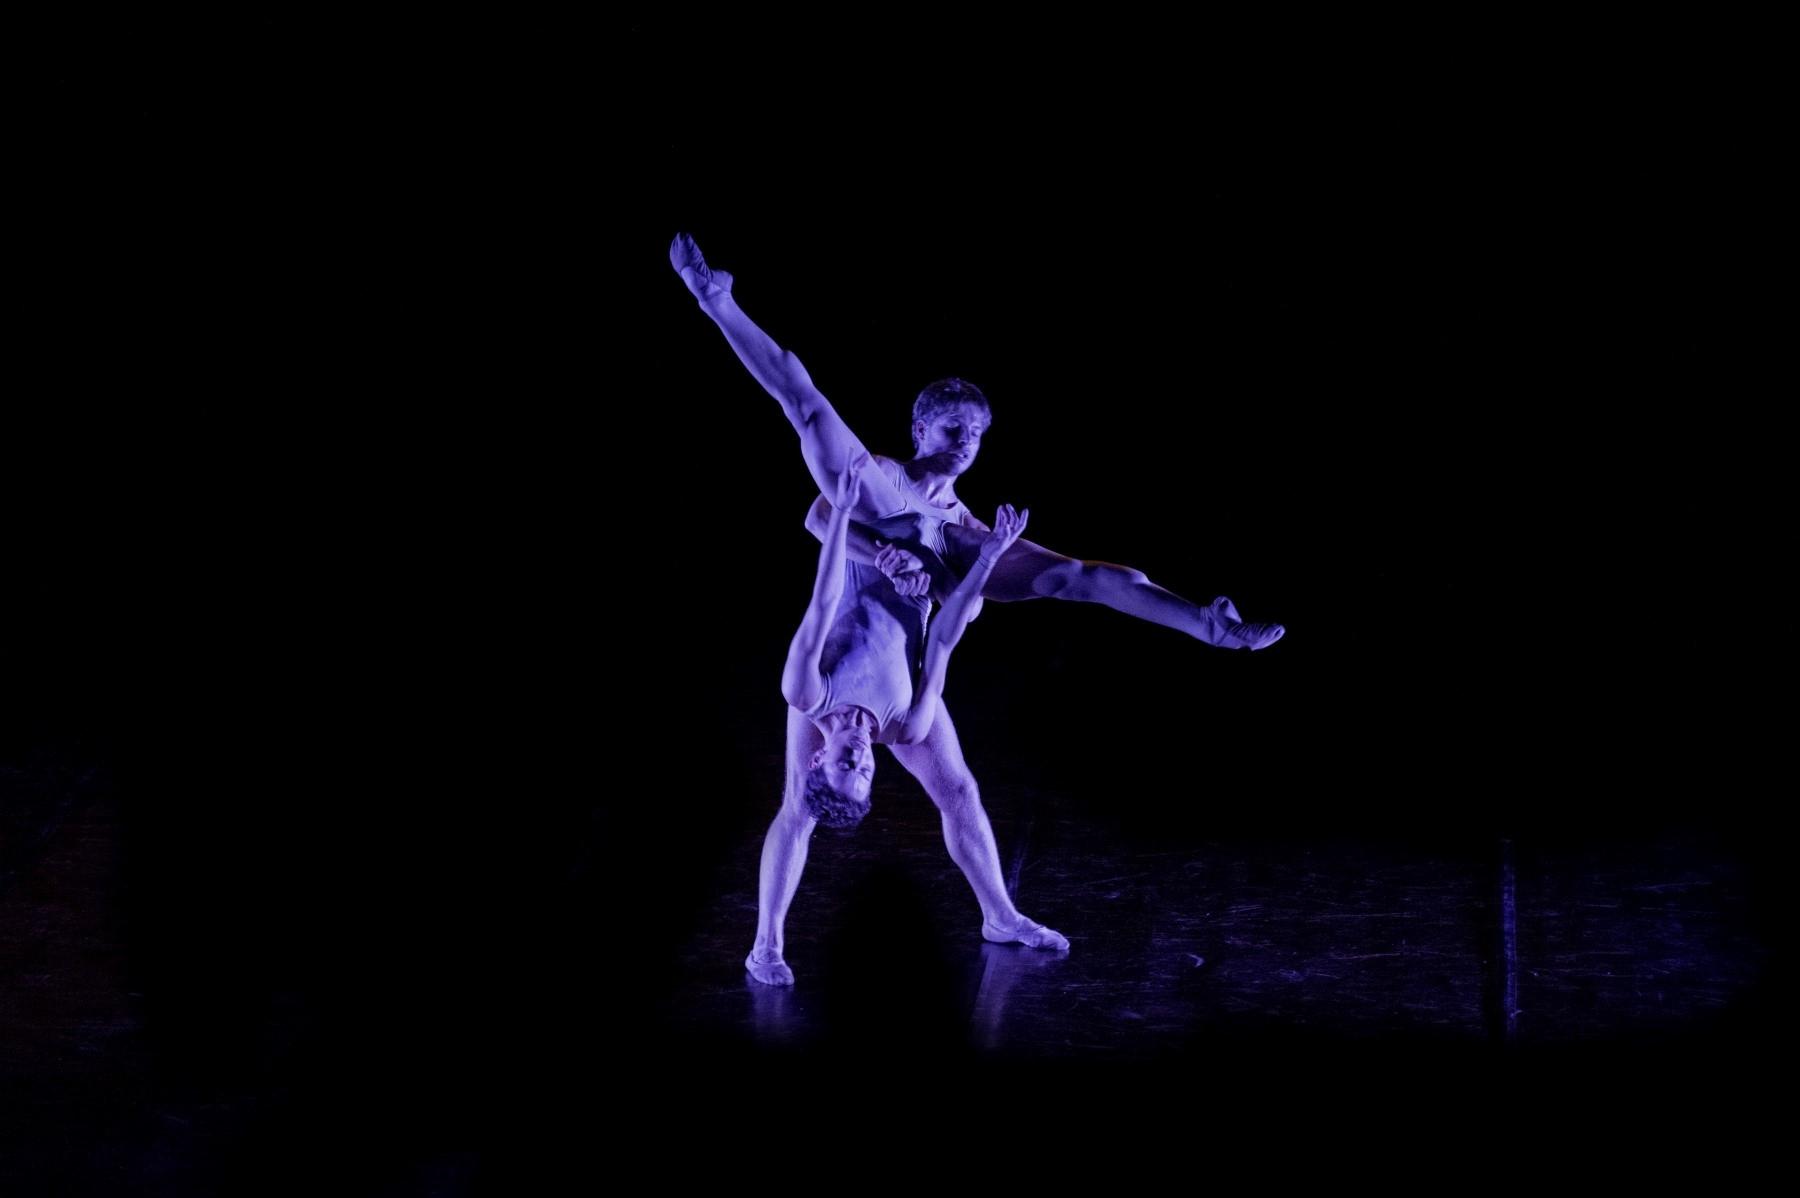 Gabriele-Rossi-117 Dance